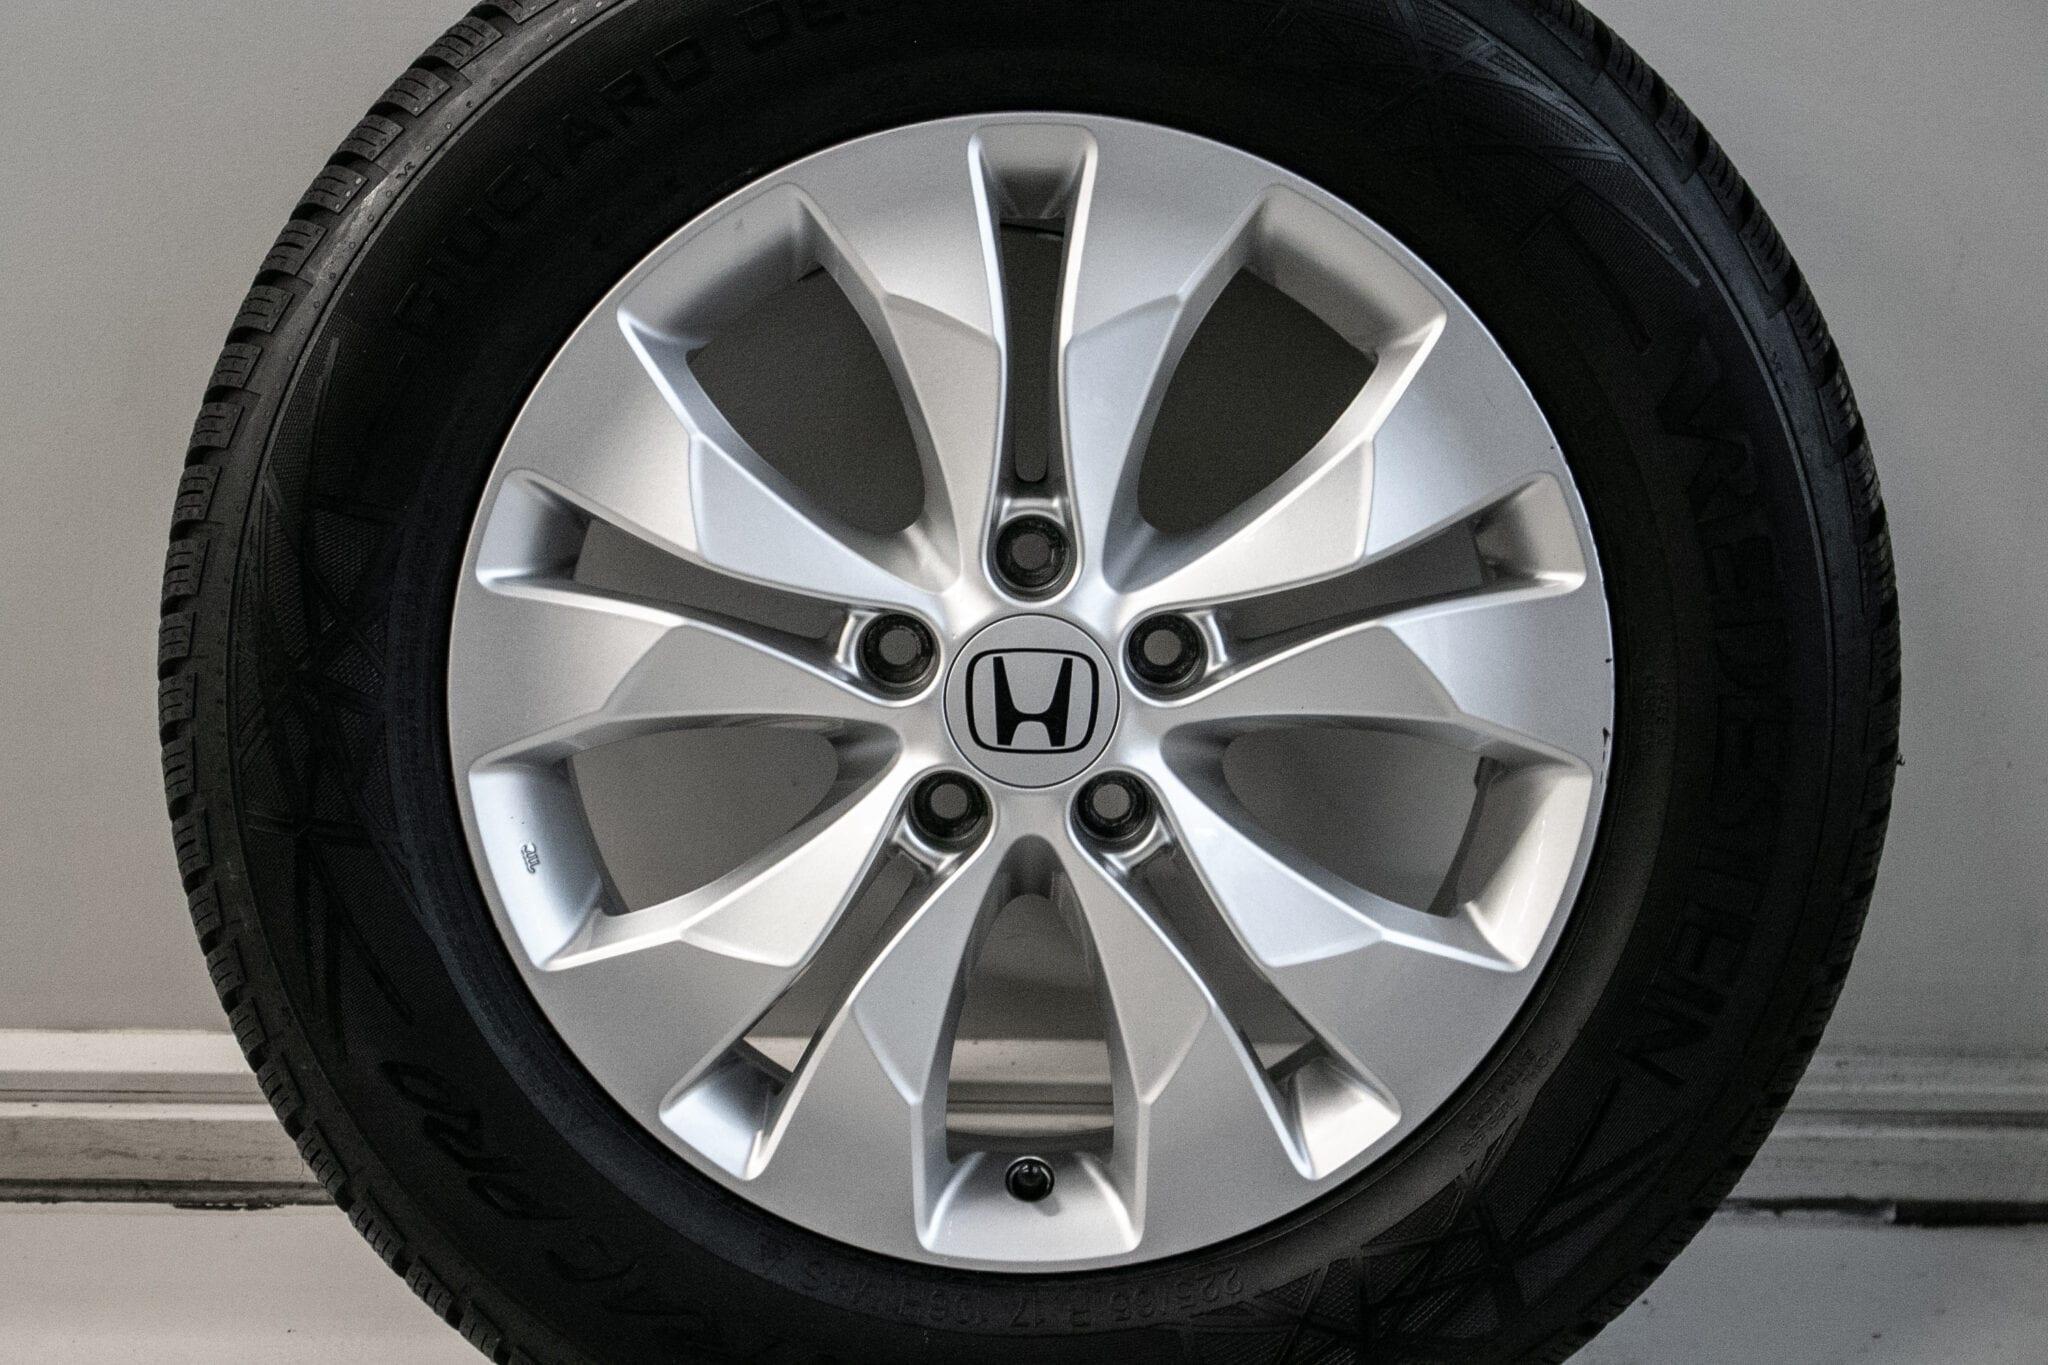 17″ Winterwielen voor de Honda CR-V ('07-'17)  €799,-  Nieuwe banden